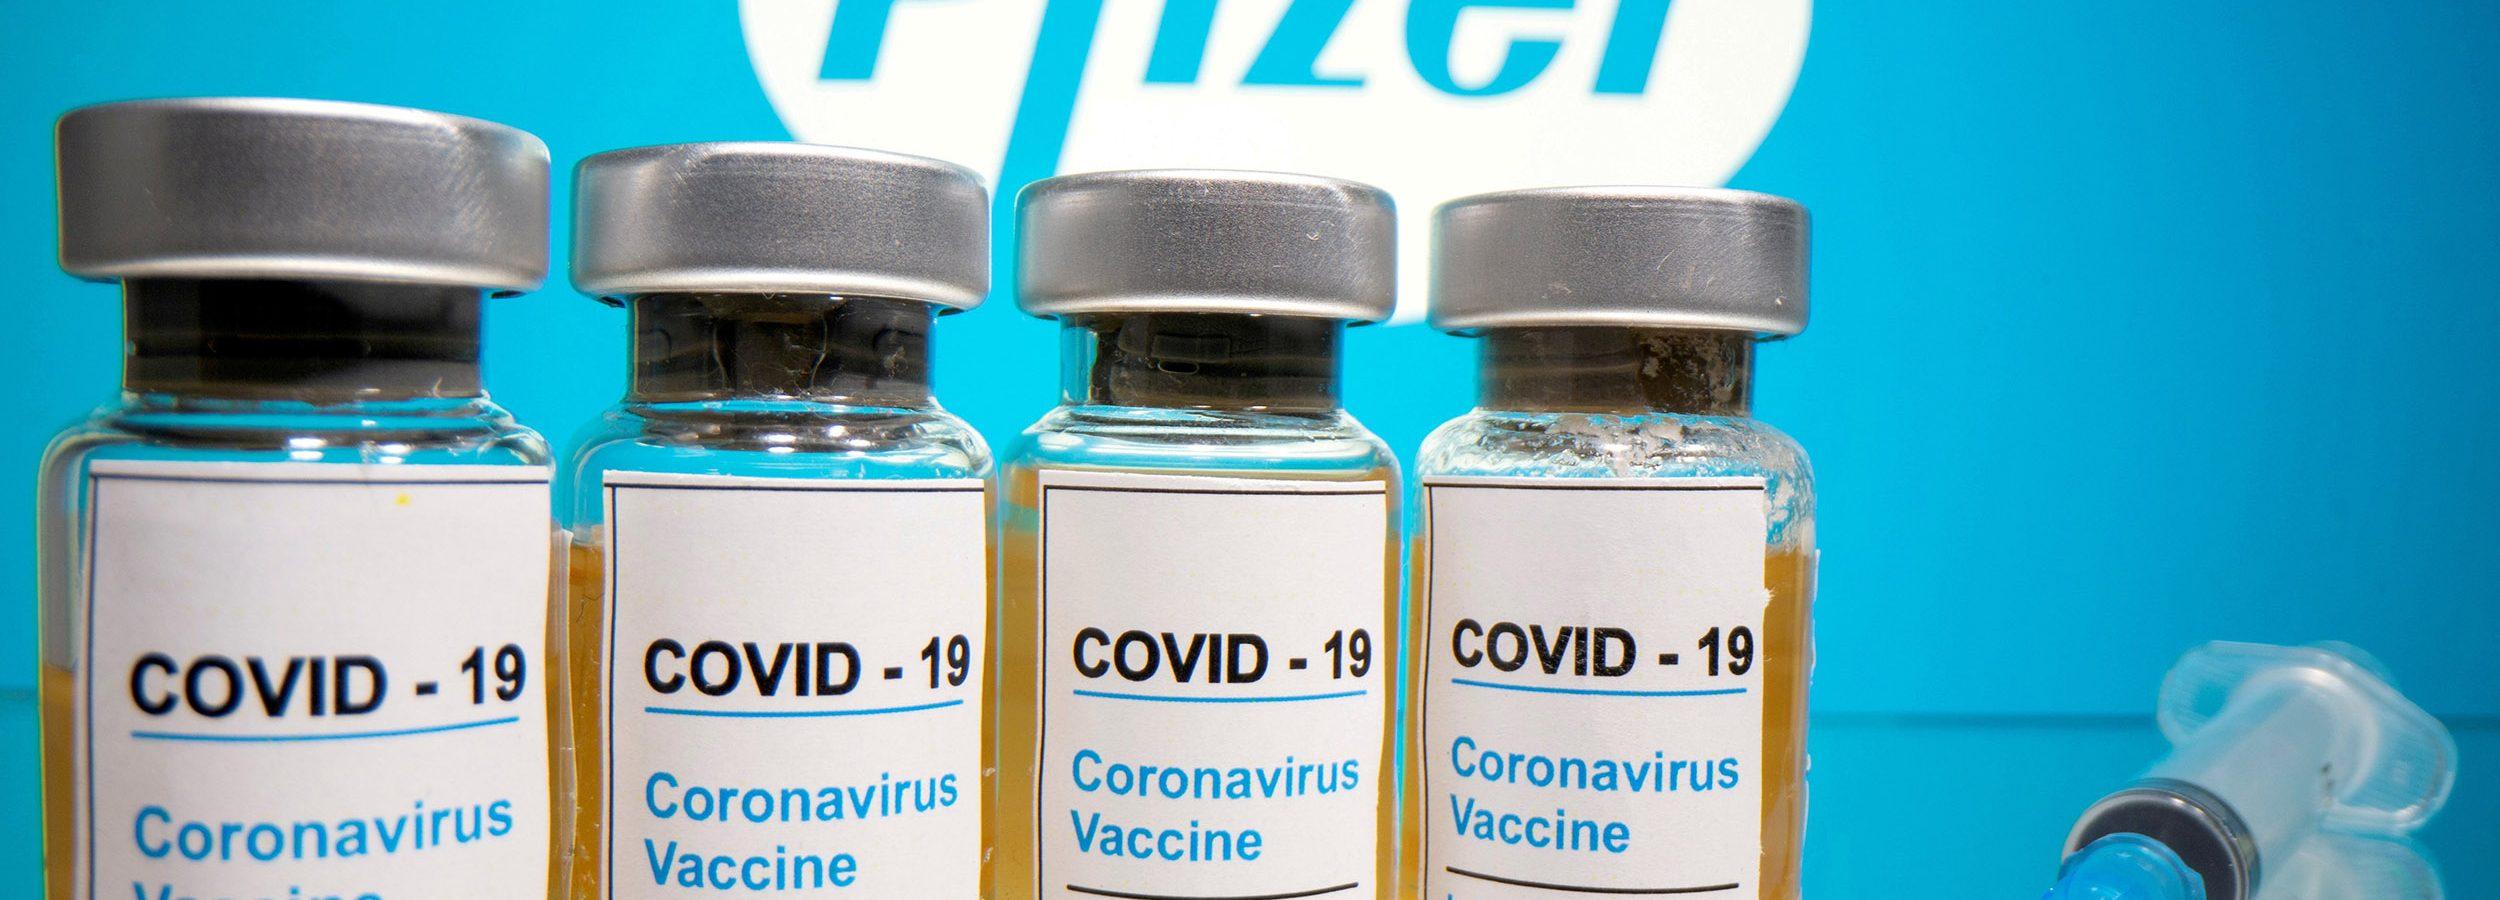 Nach 46 Toten wird die Impfung in einer Residenz von Cadiz-Spanien ausgesetzt | uncut-news.ch